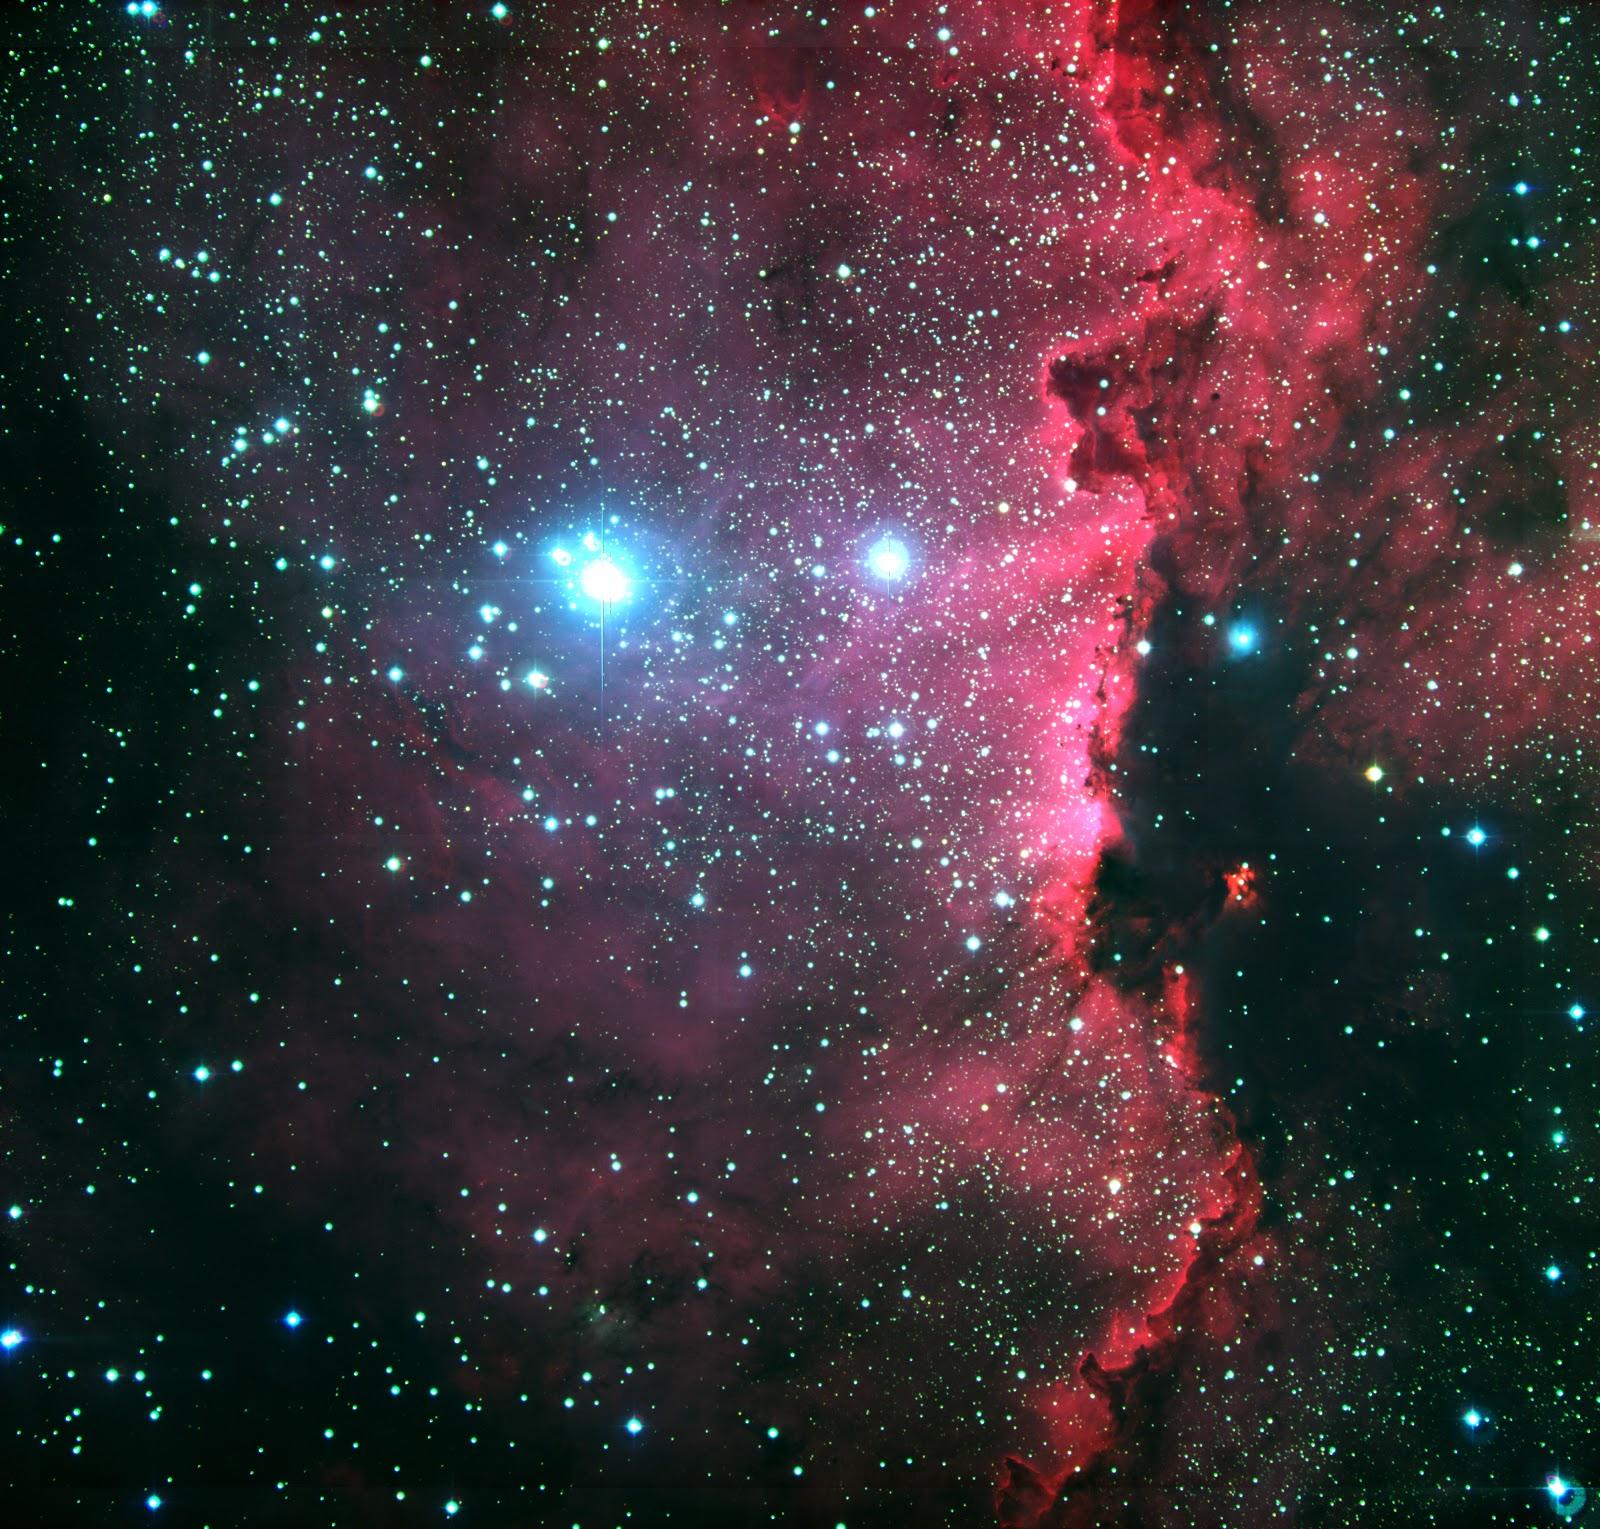 Star-forming Region RCW 108